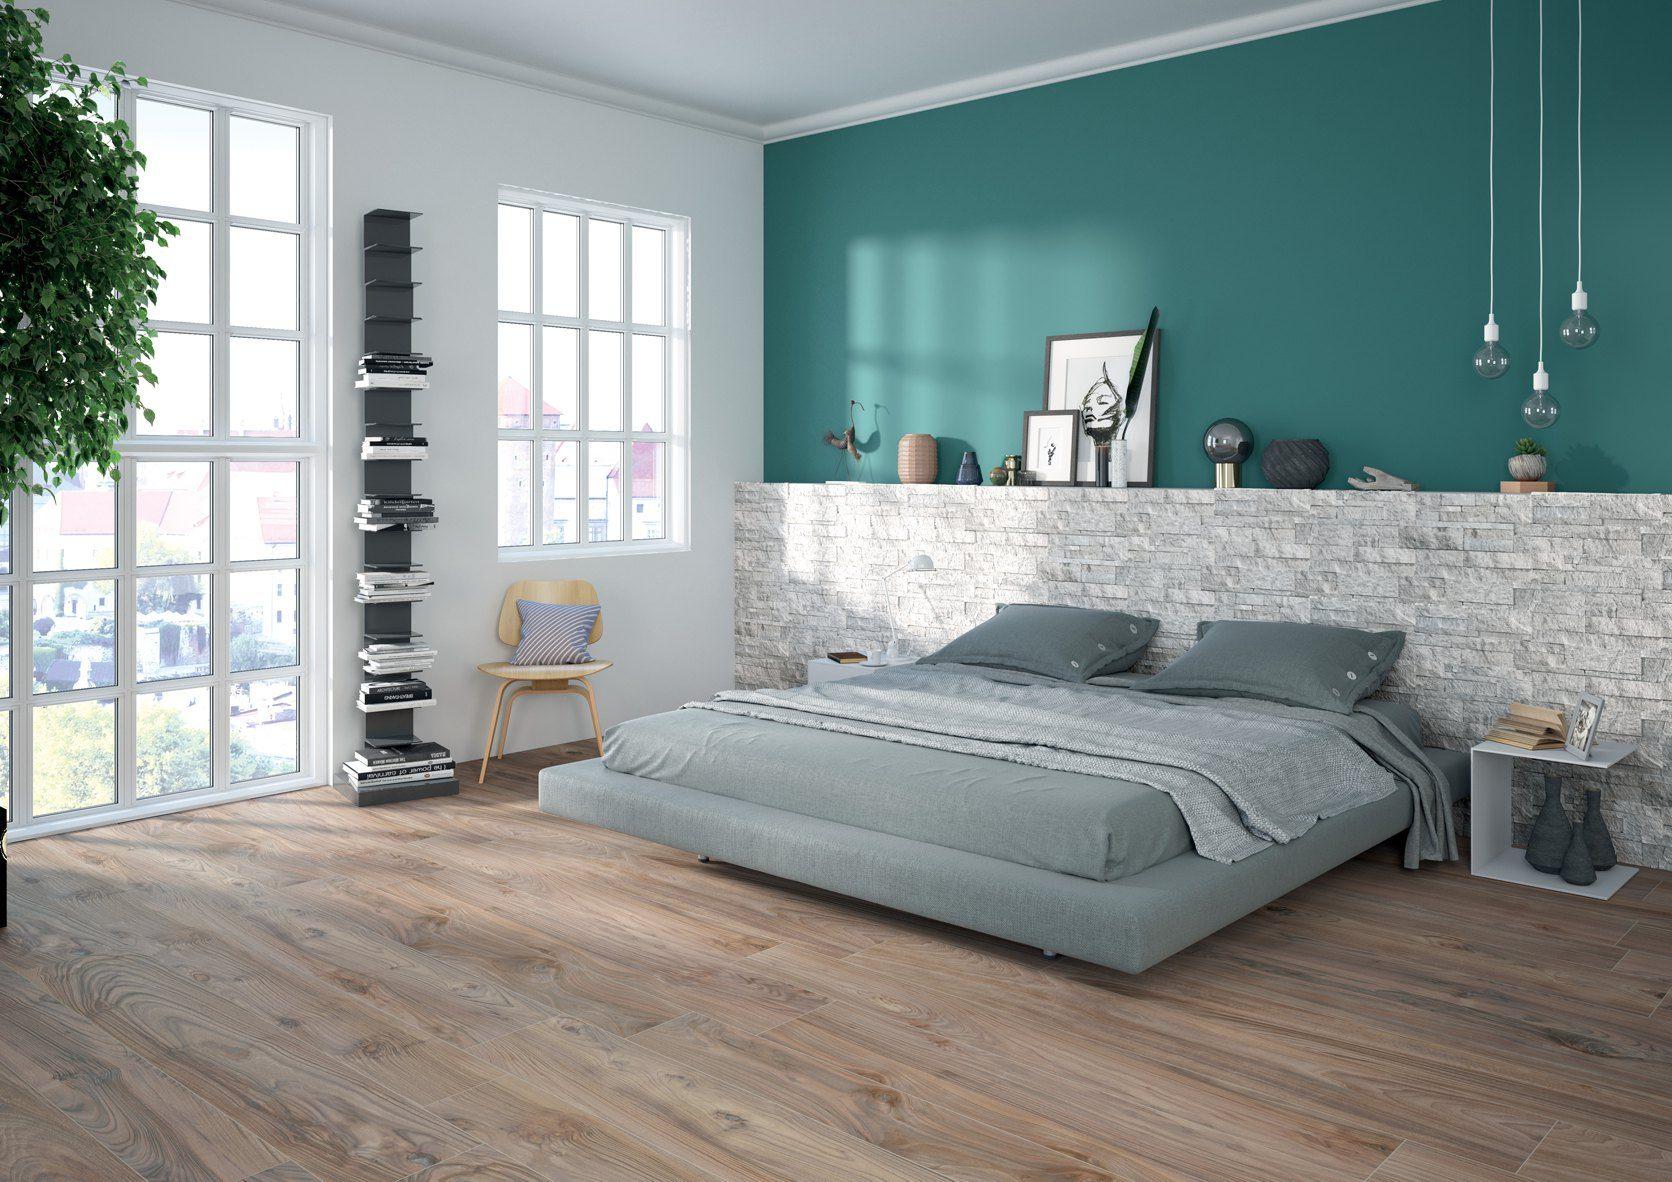 Camera da letto dallo stile nordico e minimale, gres